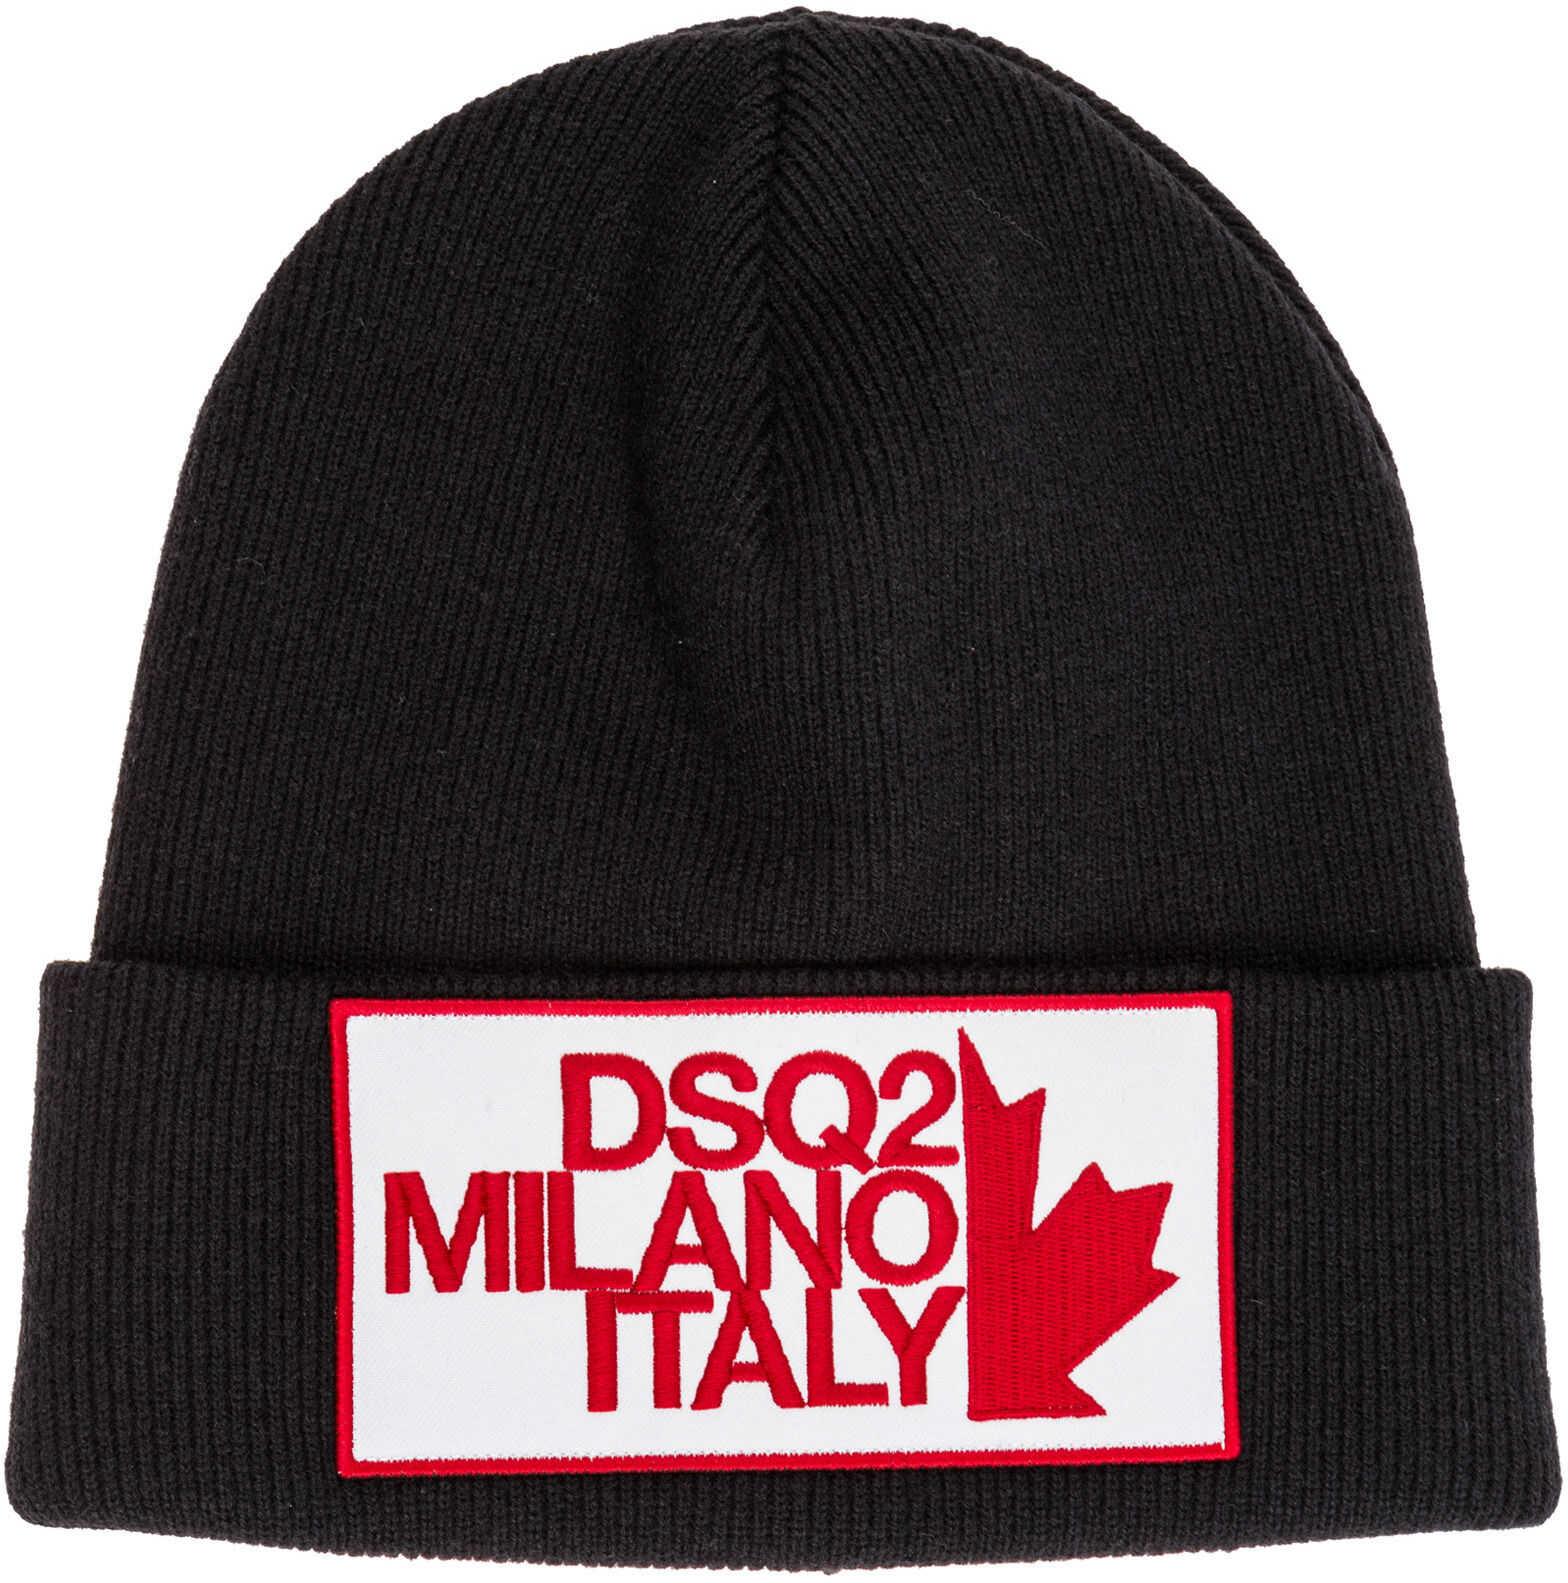 DSQUARED2 Dsq2 Milano Black